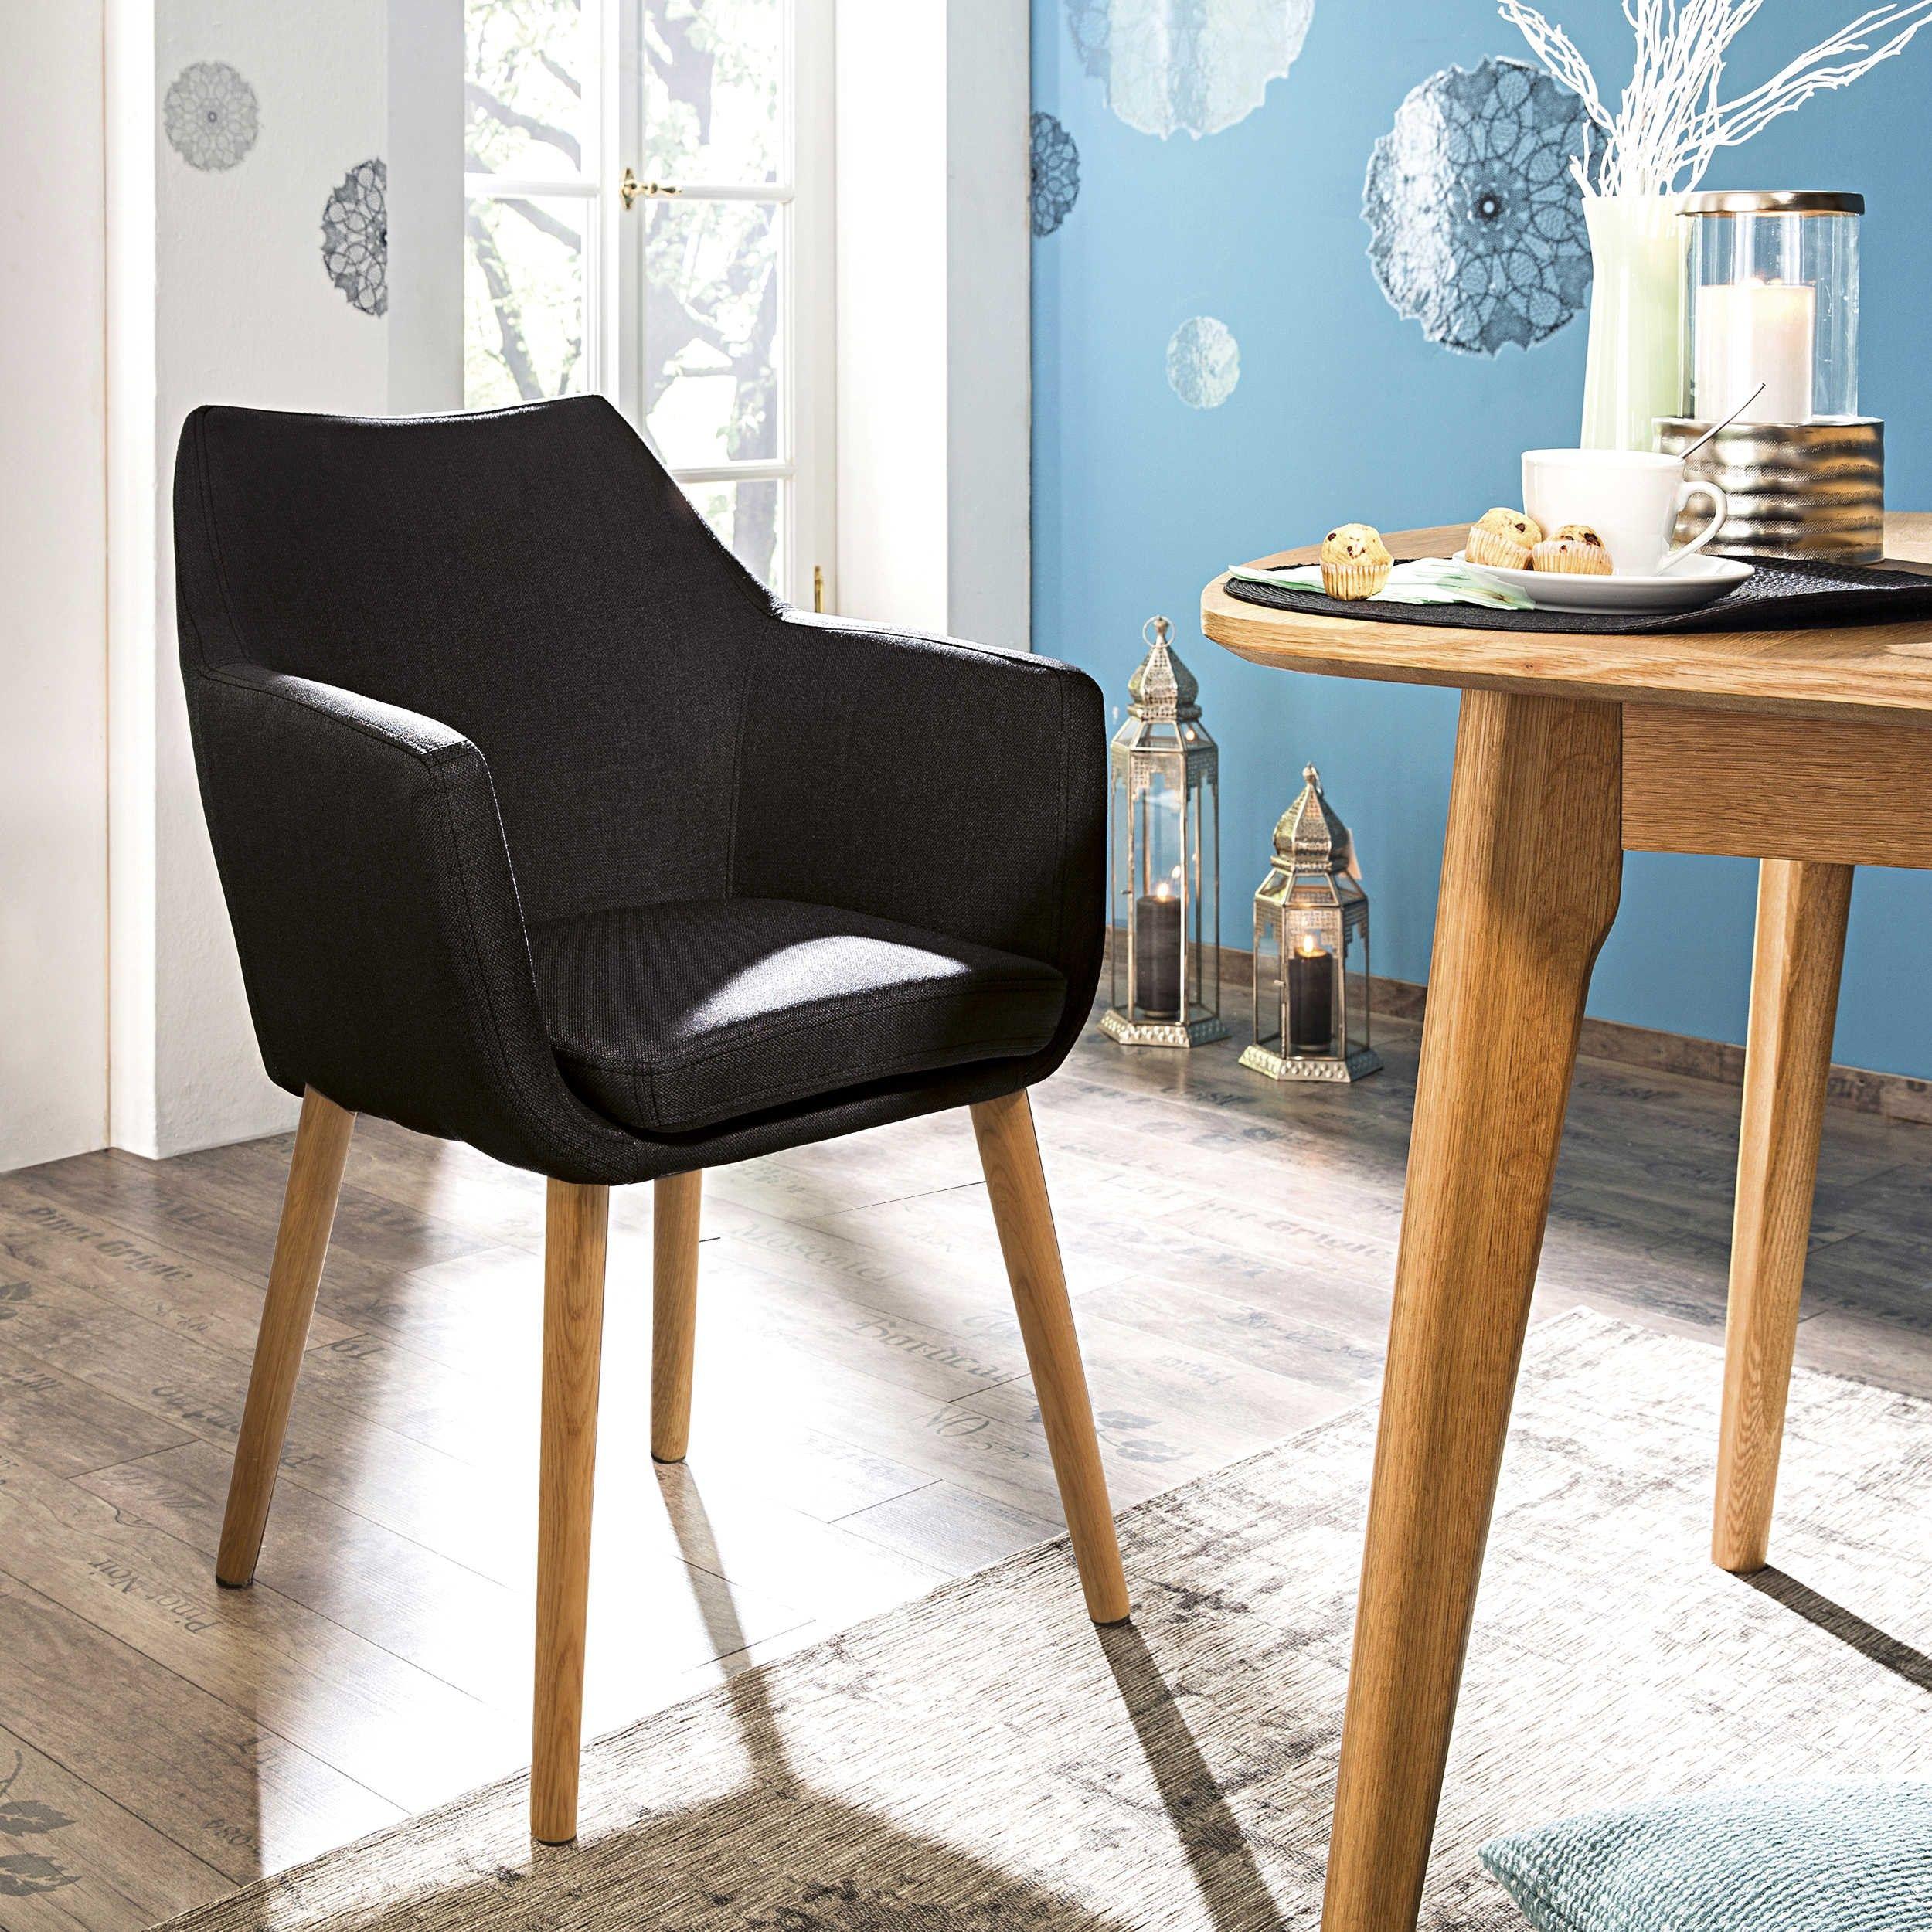 Stuhle Esszimmer Segmuller Stuhl Blau Hause Deko Ideen